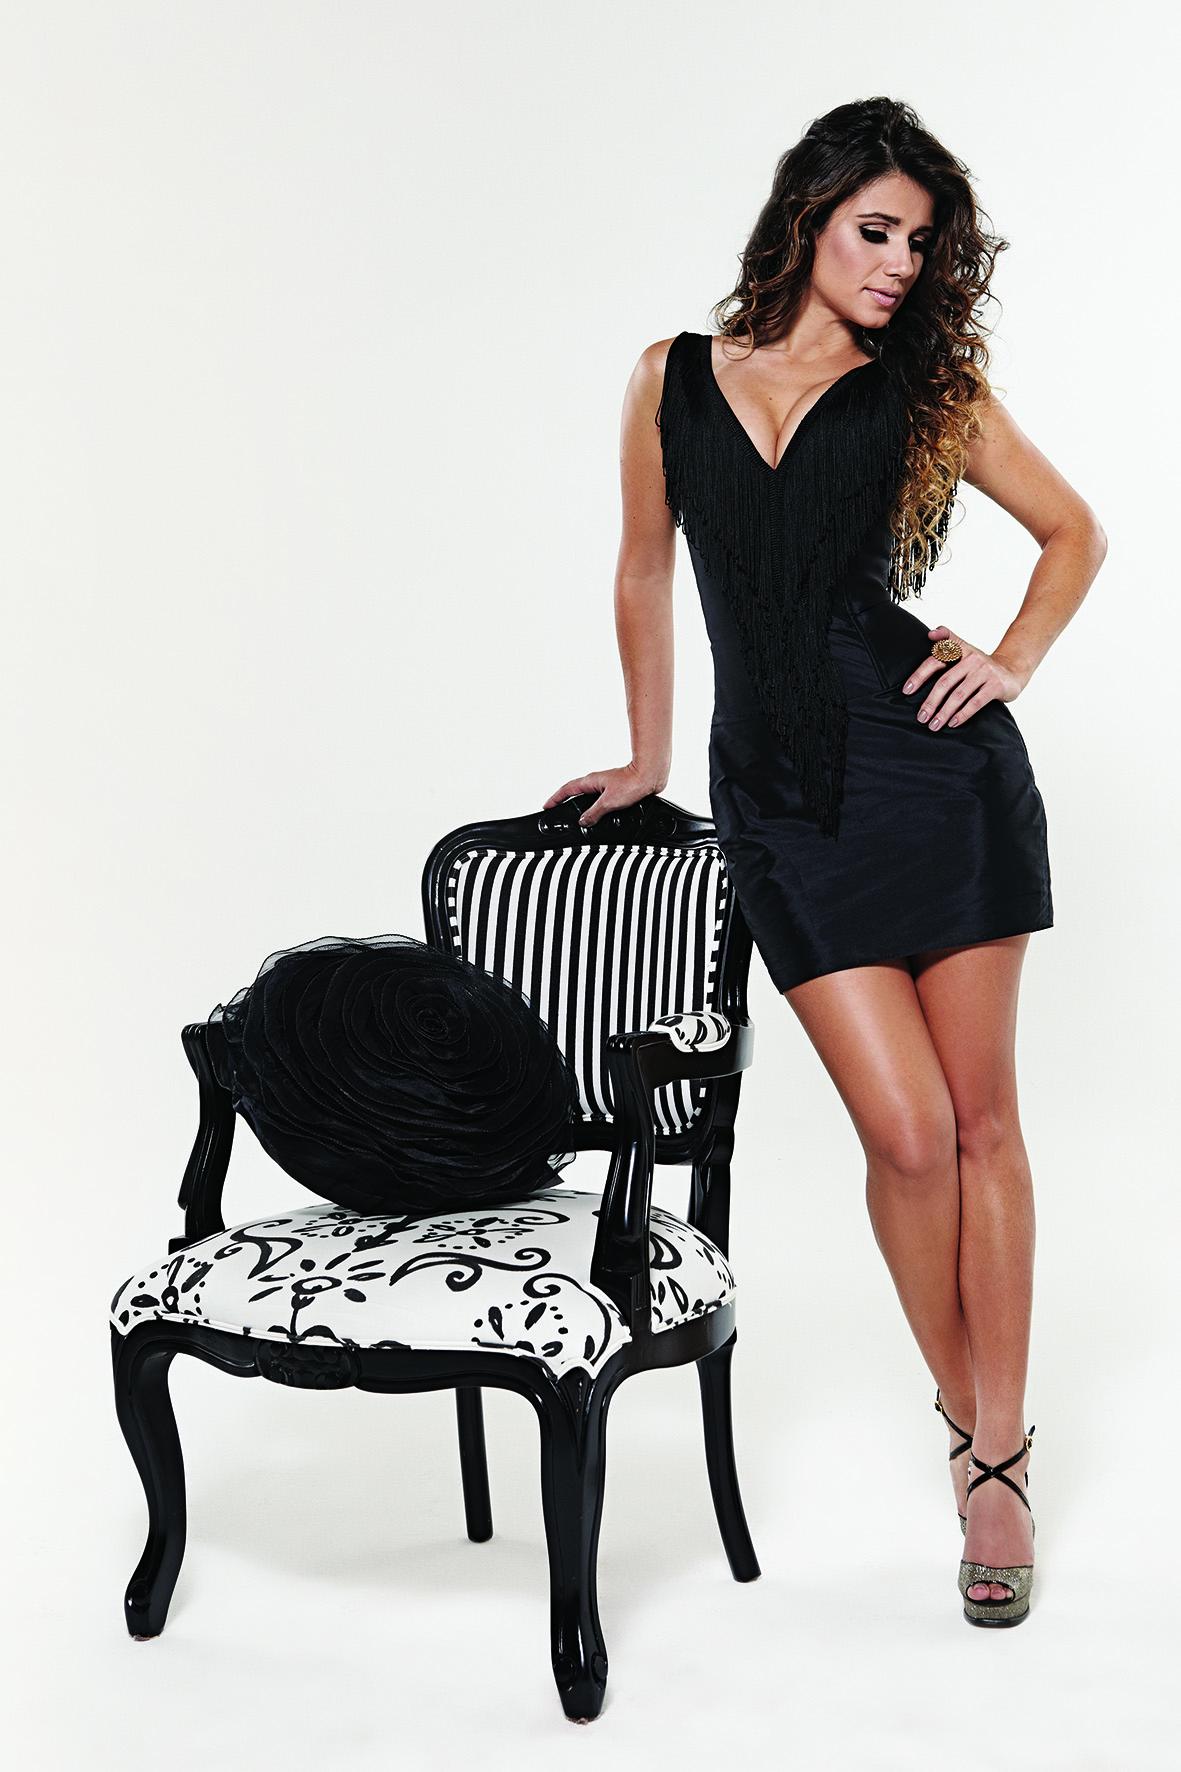 Paula Fernandes é adepta do visual sexy. Ela sempre valoriza o corpo com decotes ou peças curtinhas, que mostram as pernas